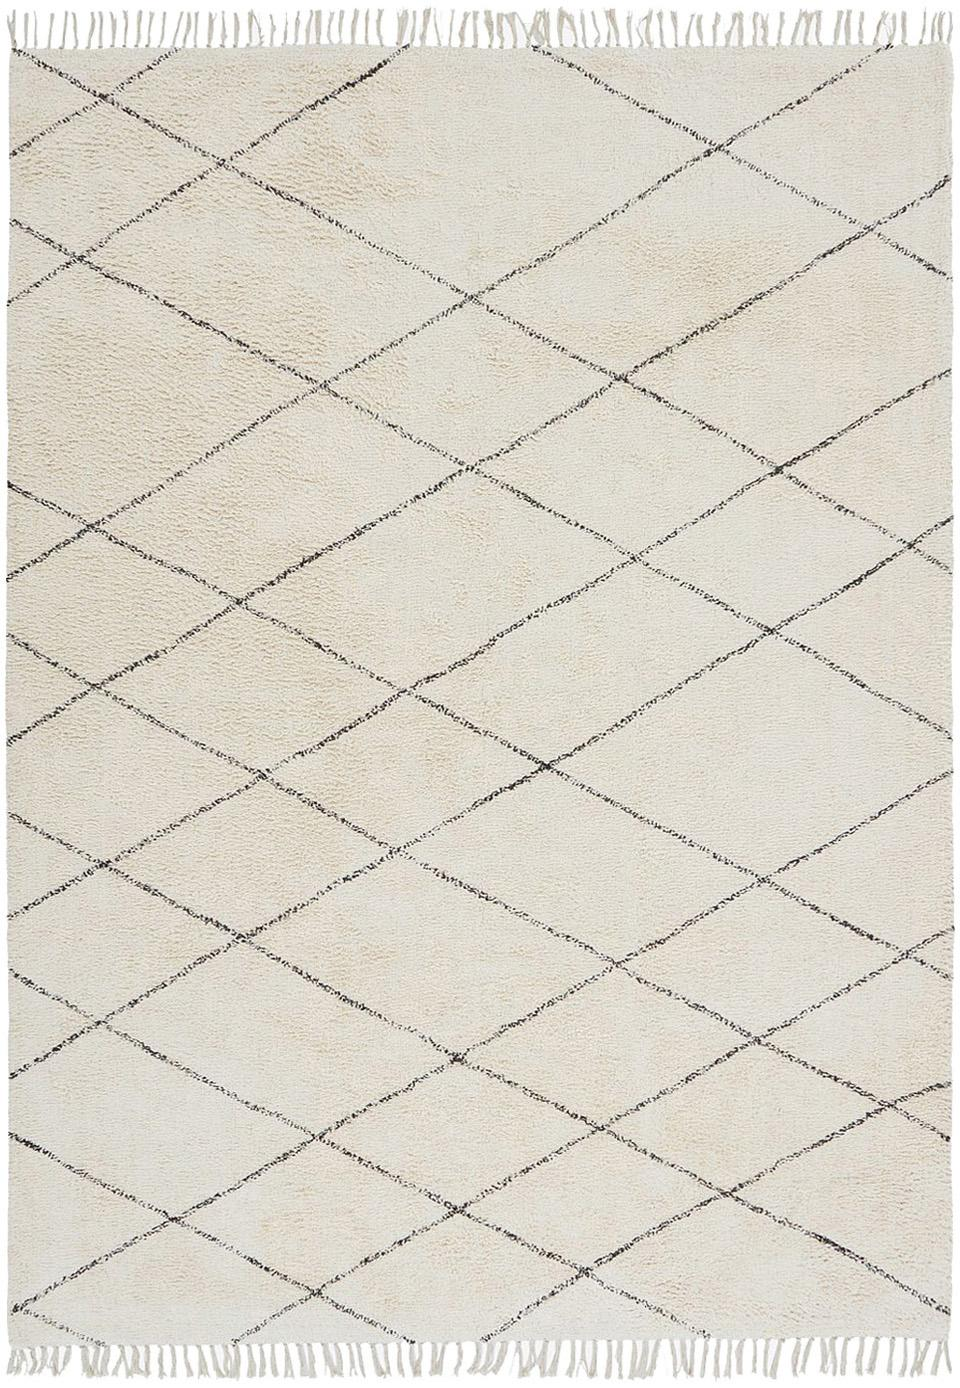 Katoenen vloerkleed Less met ruitjesmotief, 100% katoen, Gebroken wit, zwart, 160 x 230 cm